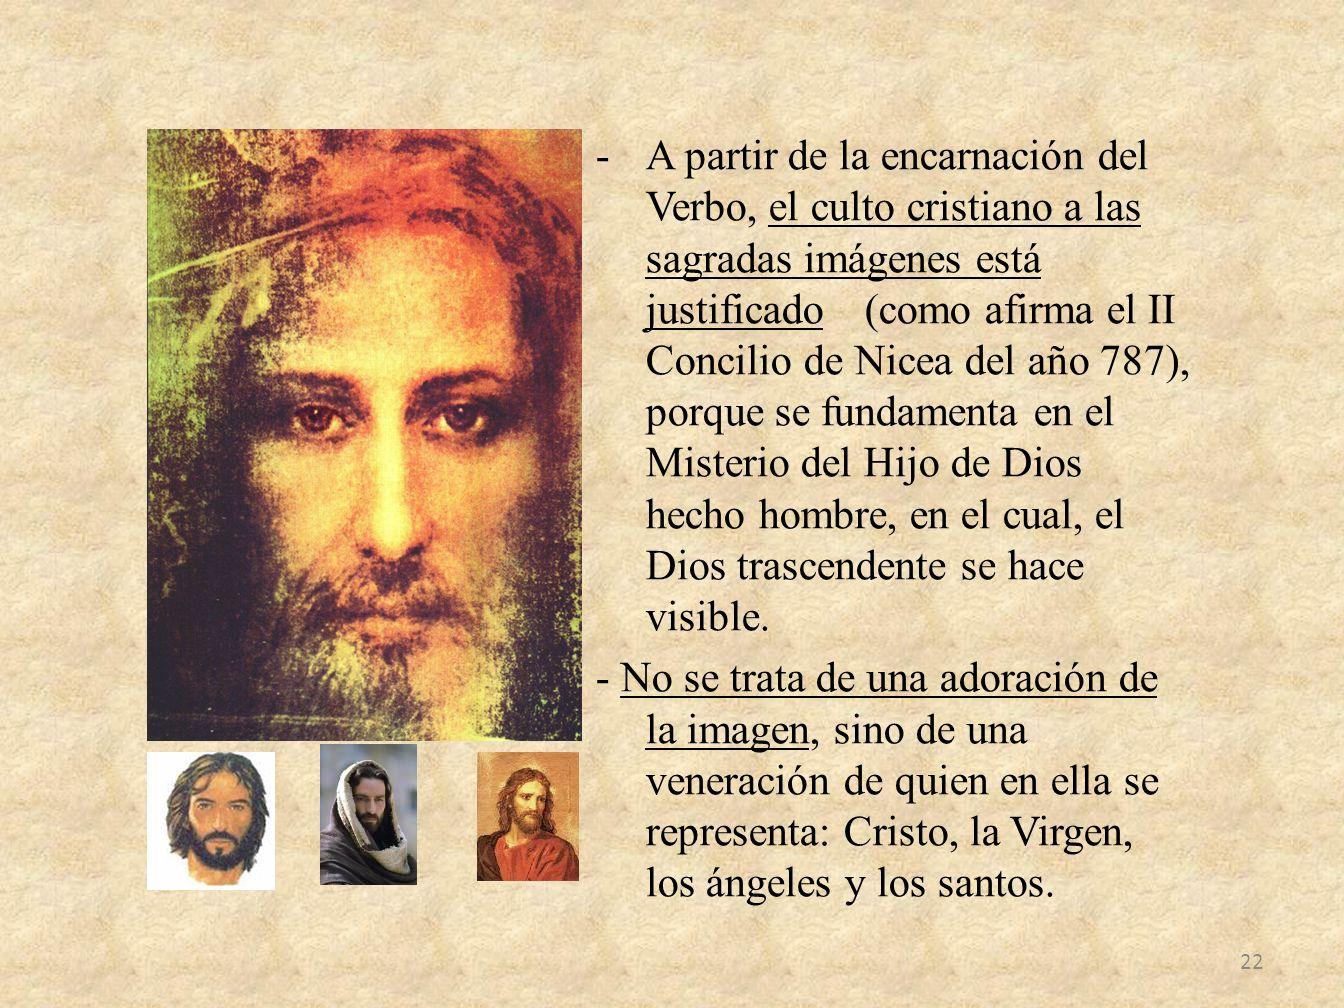 -A partir de la encarnación del Verbo, el culto cristiano a las sagradas imágenes está justificado (como afirma el II Concilio de Nicea del año 787),